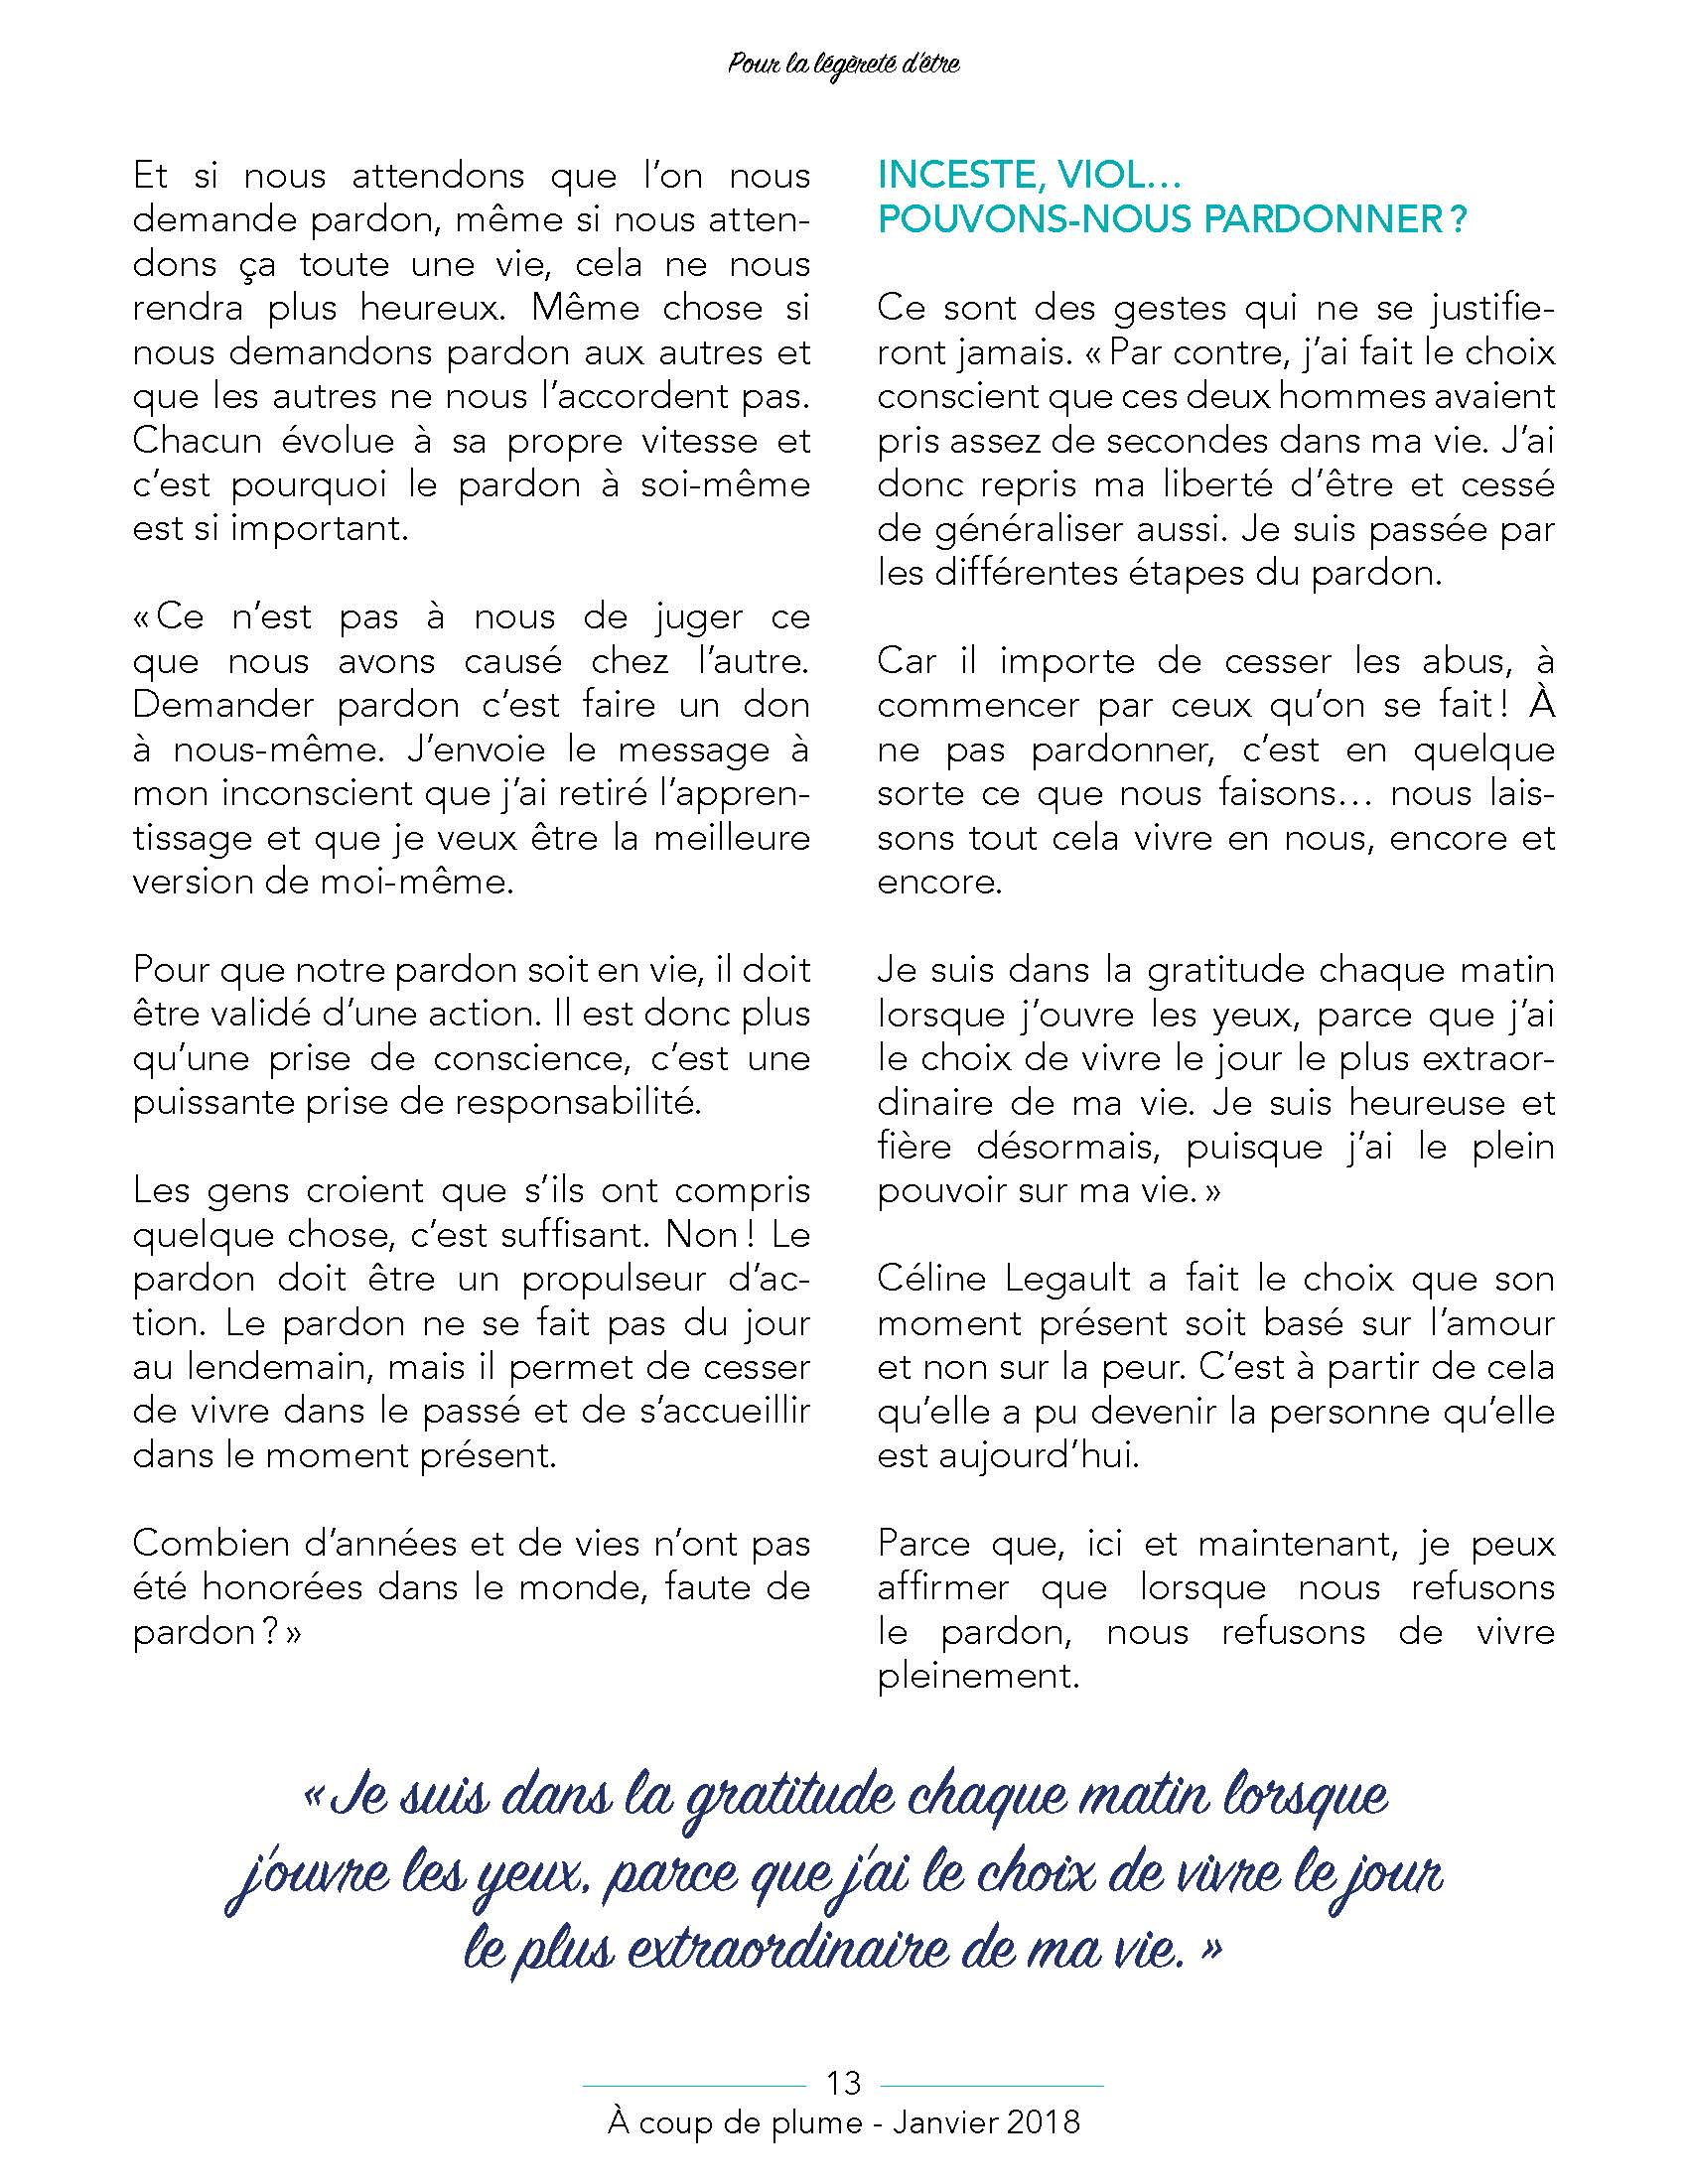 ACP - Janvier 2018 - Page 13